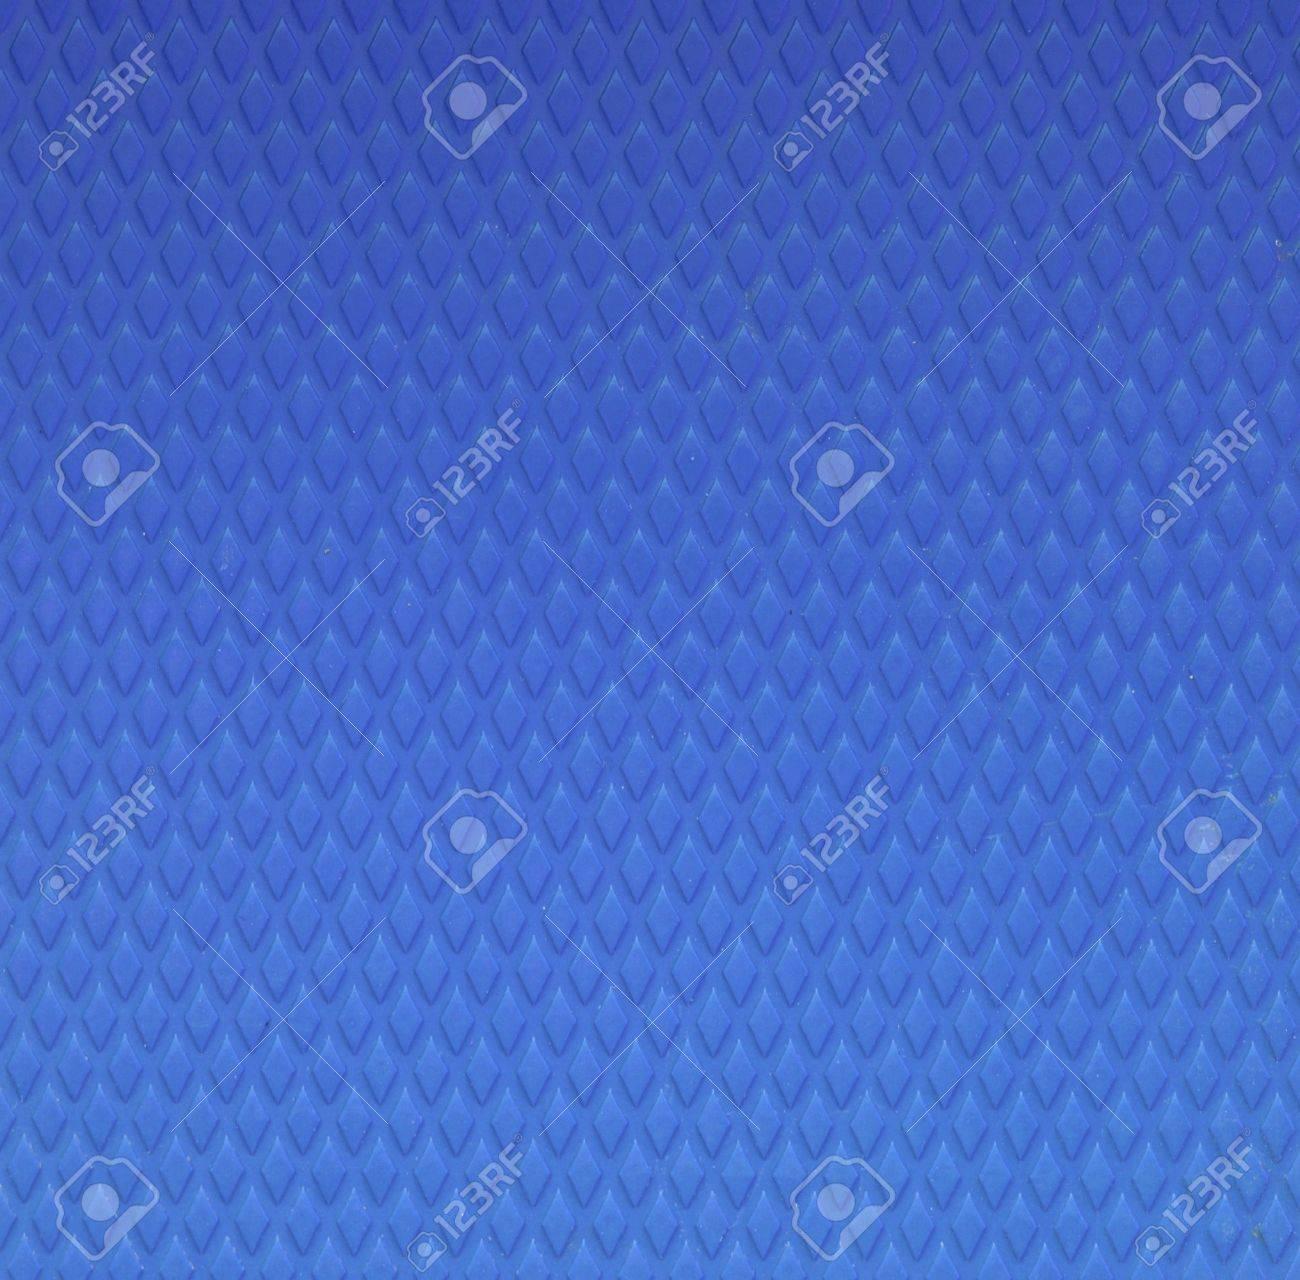 Rubber or linoleum floor tiles background stock photo picture and rubber or linoleum floor tiles background stock photo 4224678 dailygadgetfo Image collections